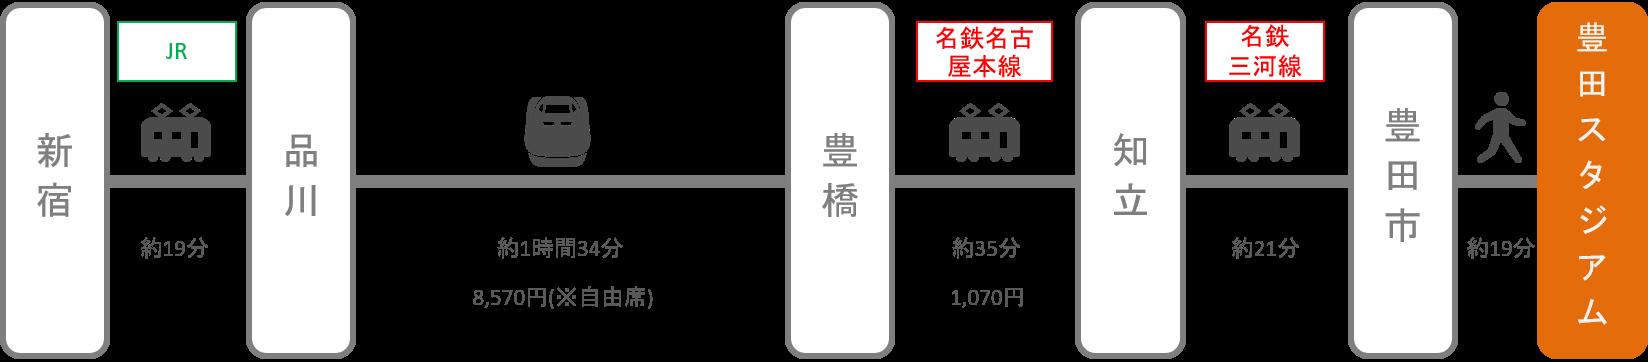 豊田スタジアム_新宿(東京)_新幹線